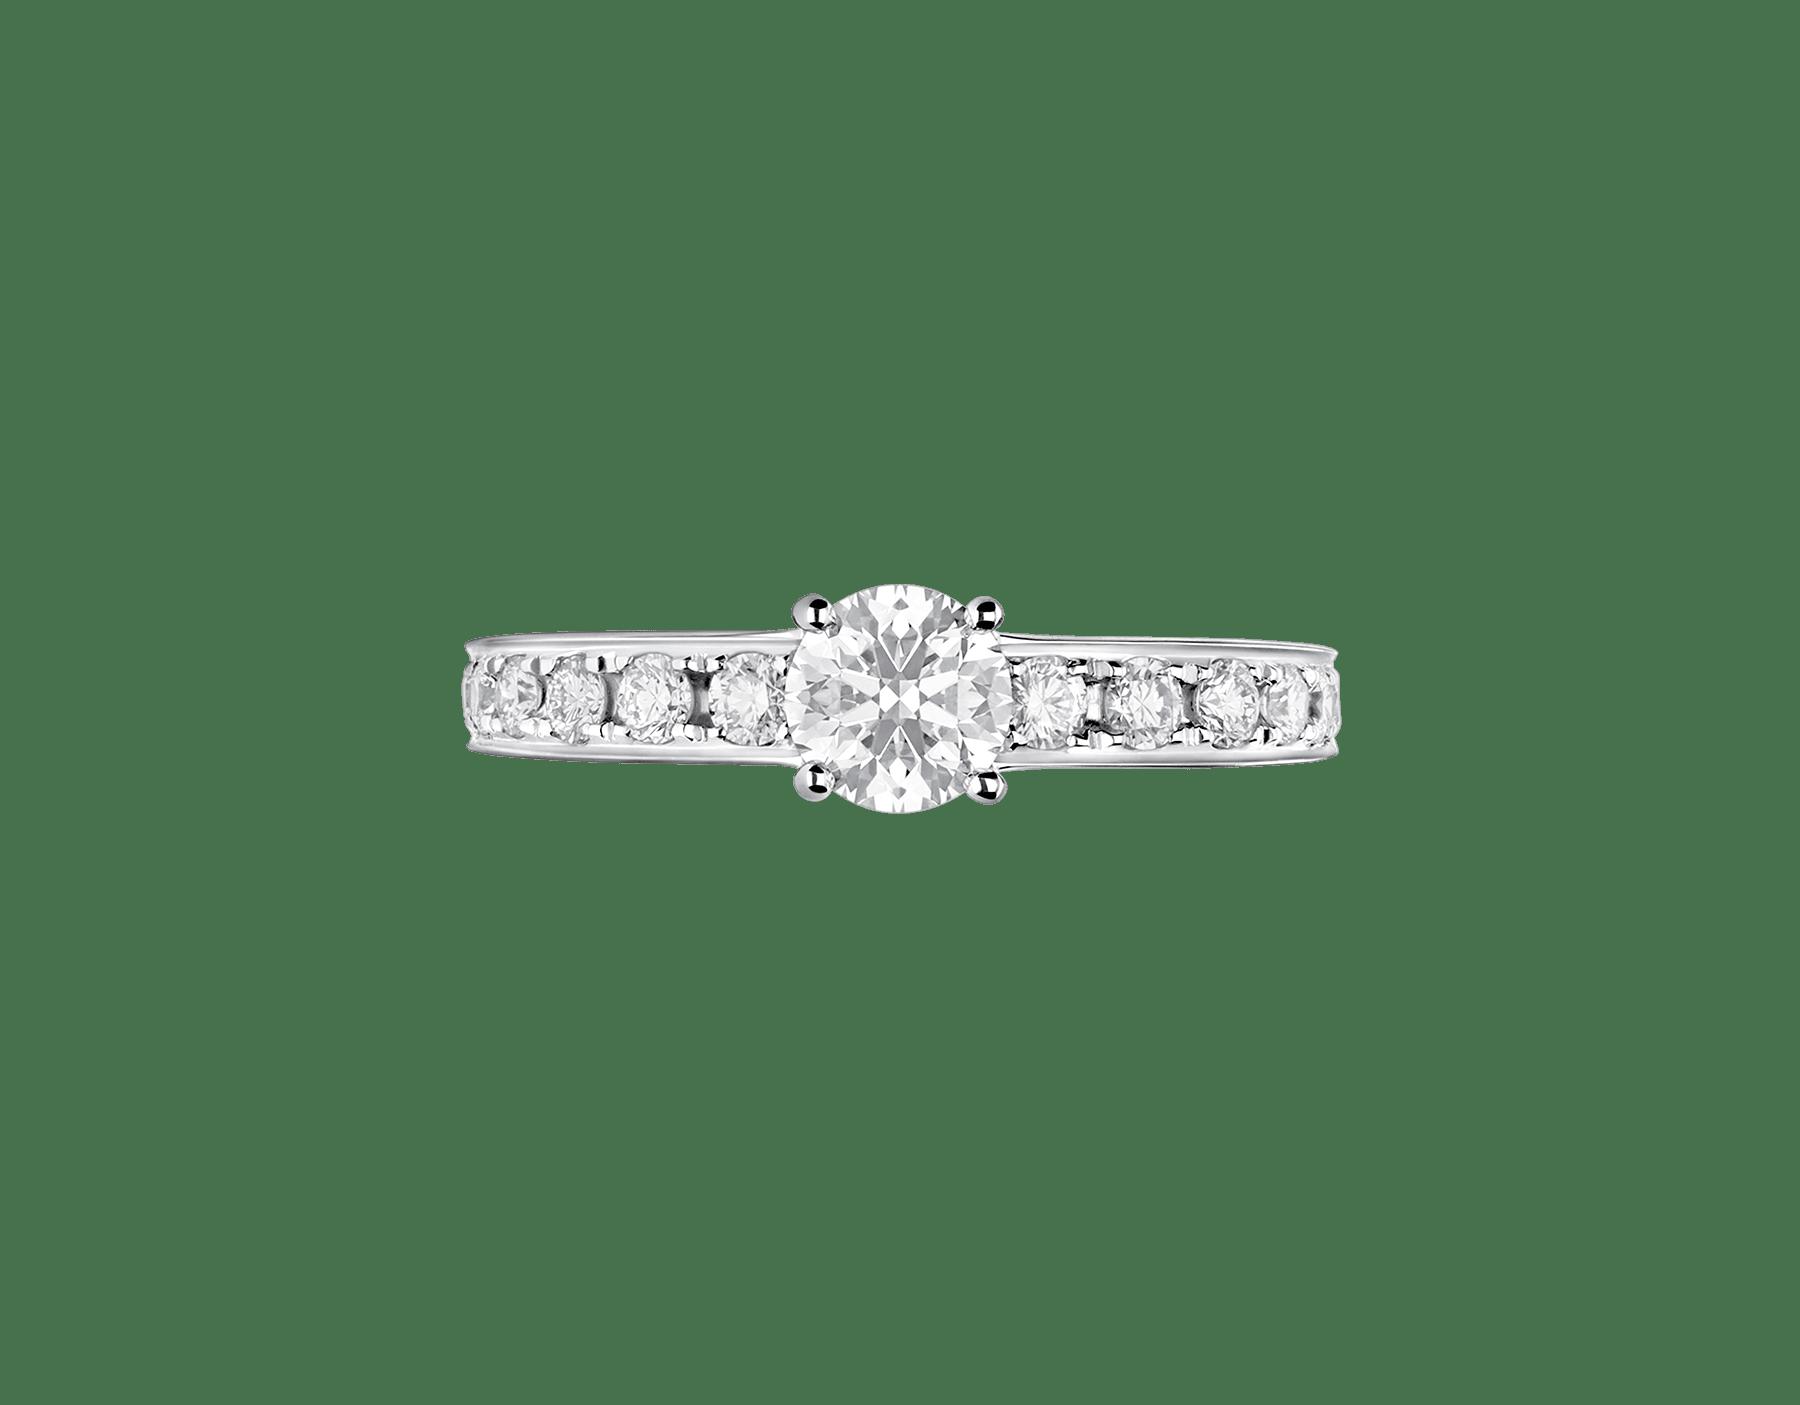 Anello 1503 – Dedicata a Venezia in platino con diamante tondo taglio brillante e pavé di diamanti. 343211 image 3